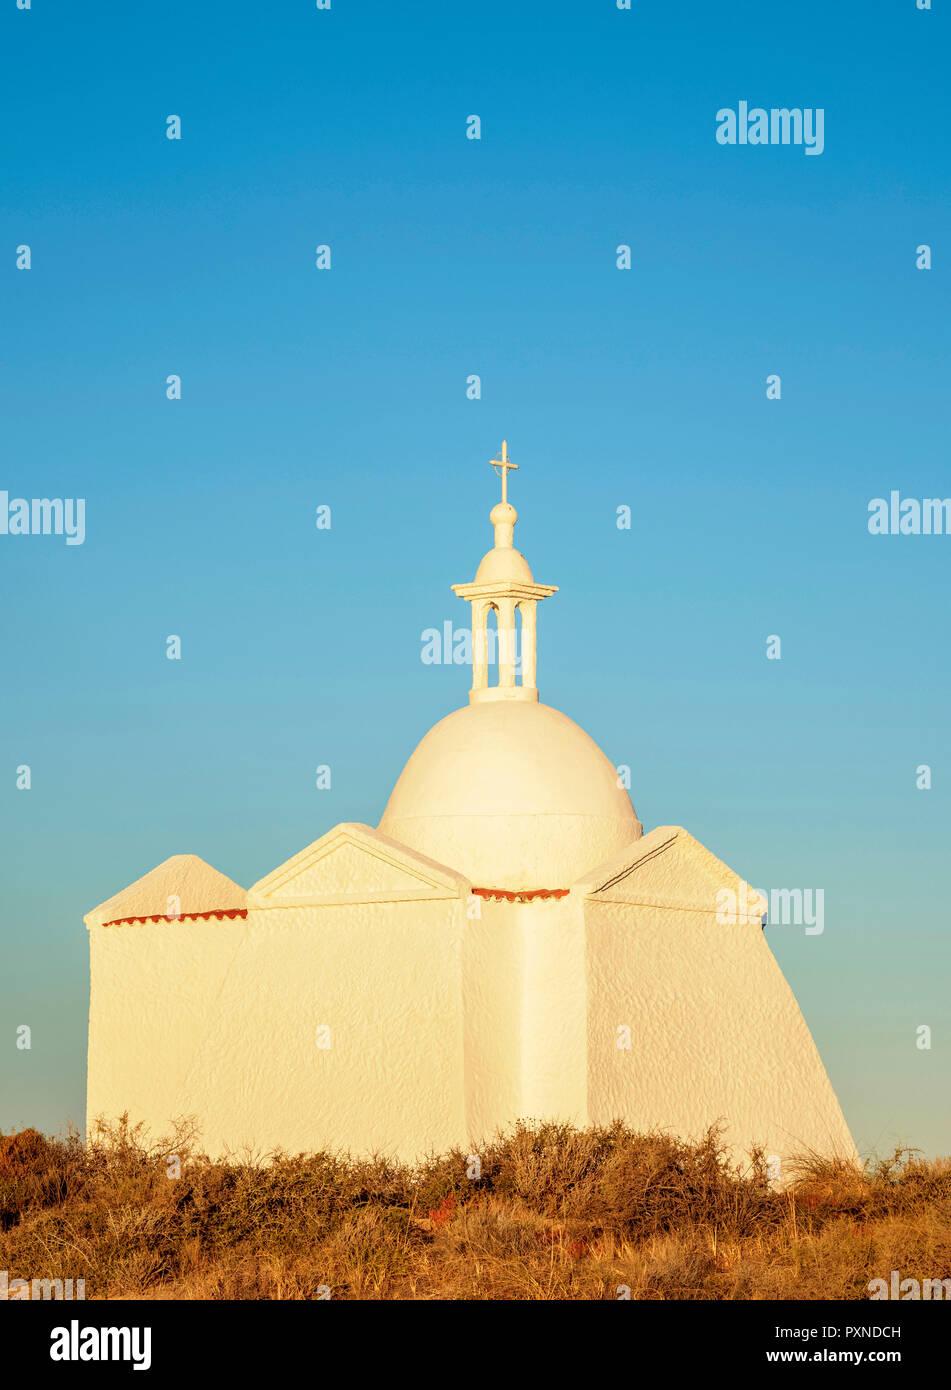 El Fuerte San José capilla, Península Valdés, Sitio de Patrimonio Mundial de la UNESCO, Provincia del Chubut, Patagonia, Argentina Imagen De Stock